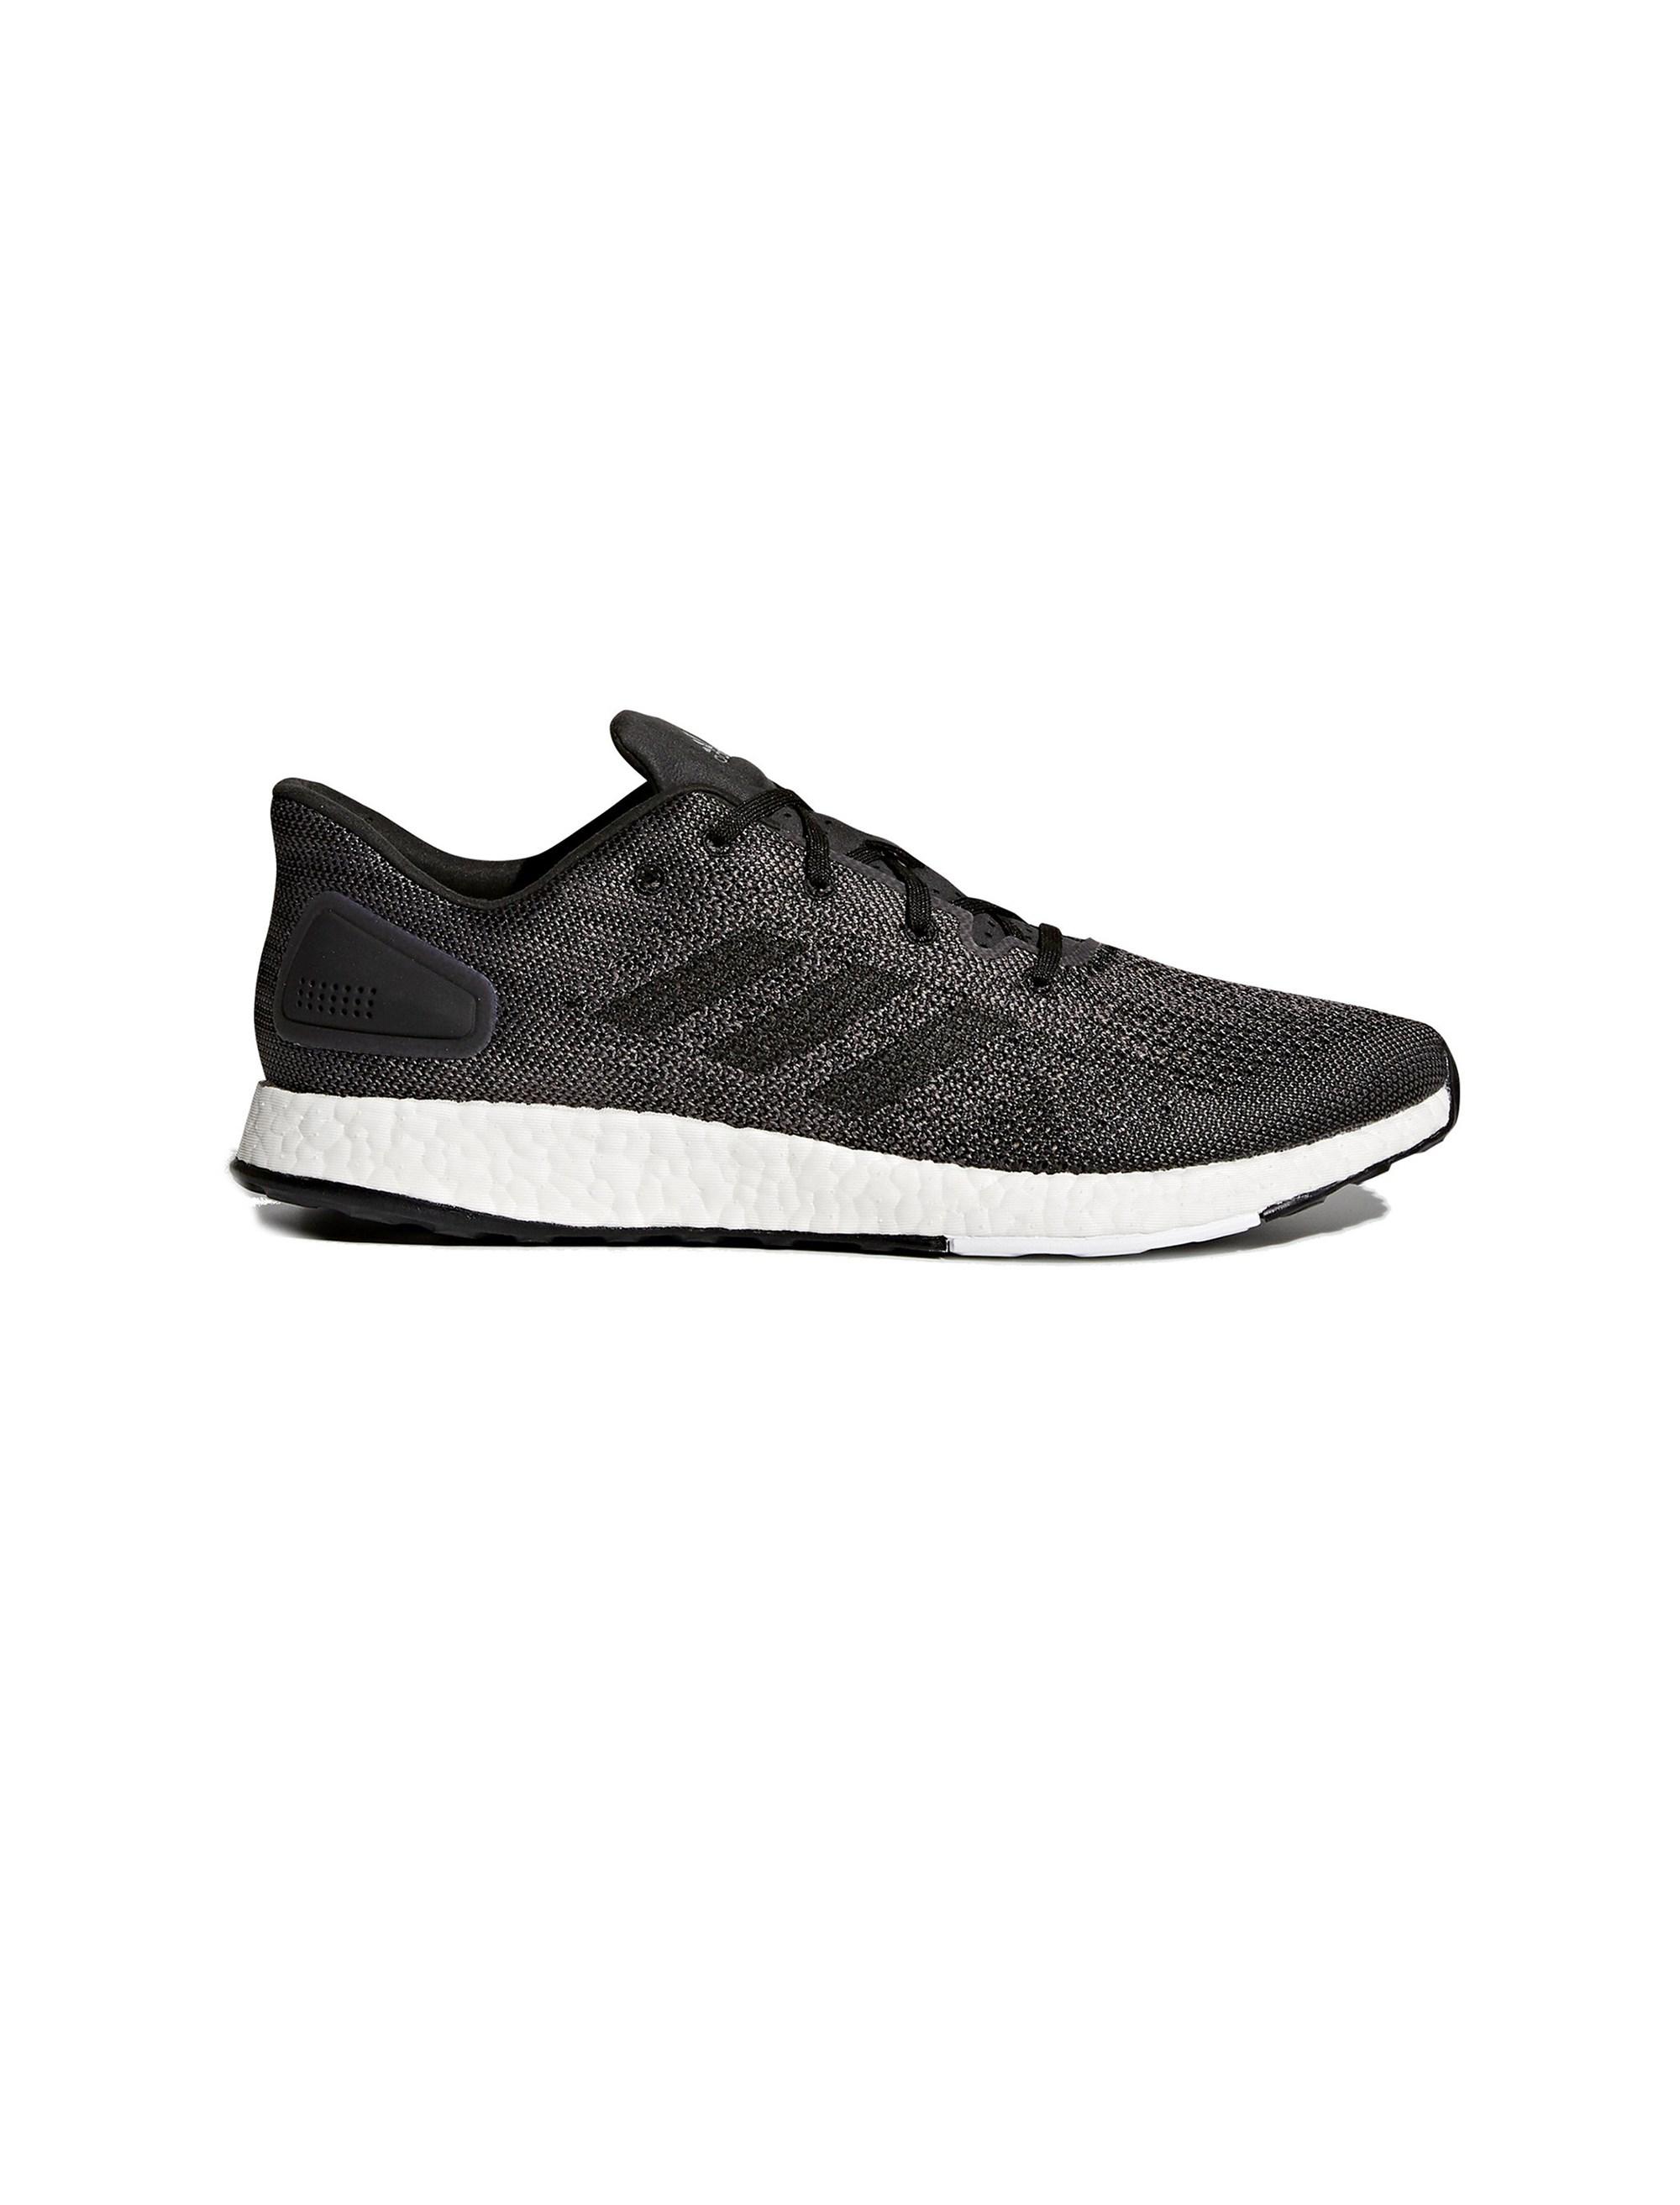 قیمت کفش مخصوص دویدن مردانه آدیداس Pureboost DPR